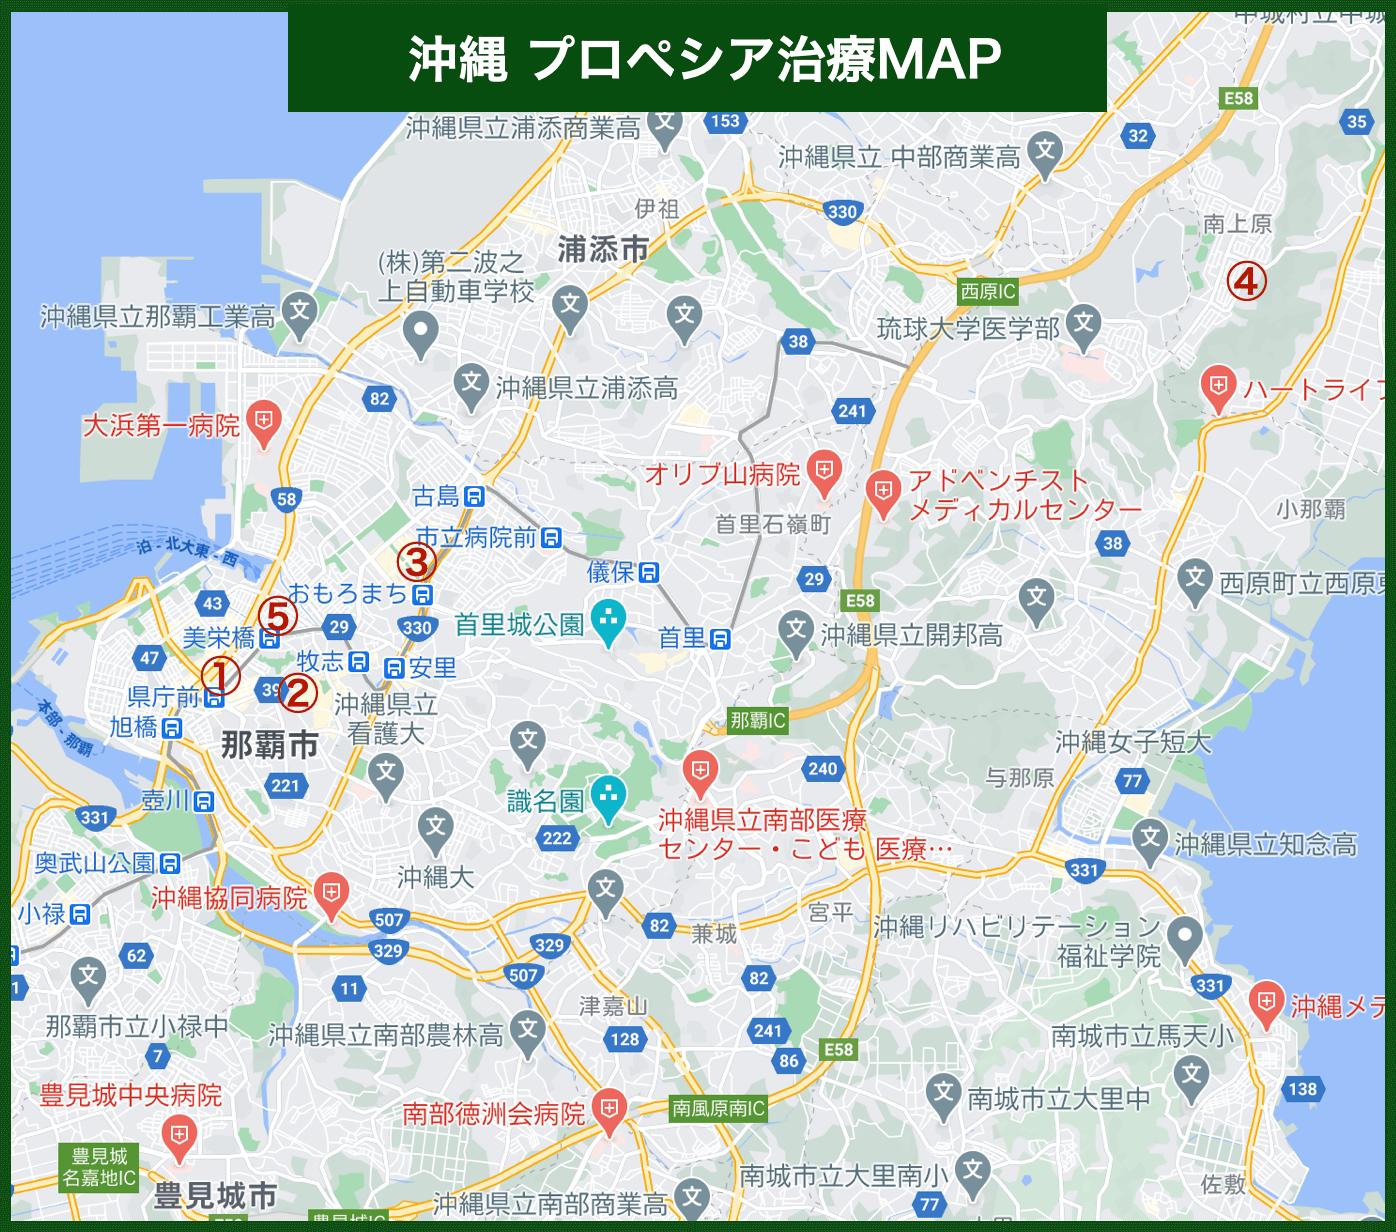 沖縄プロペシア治療MAP